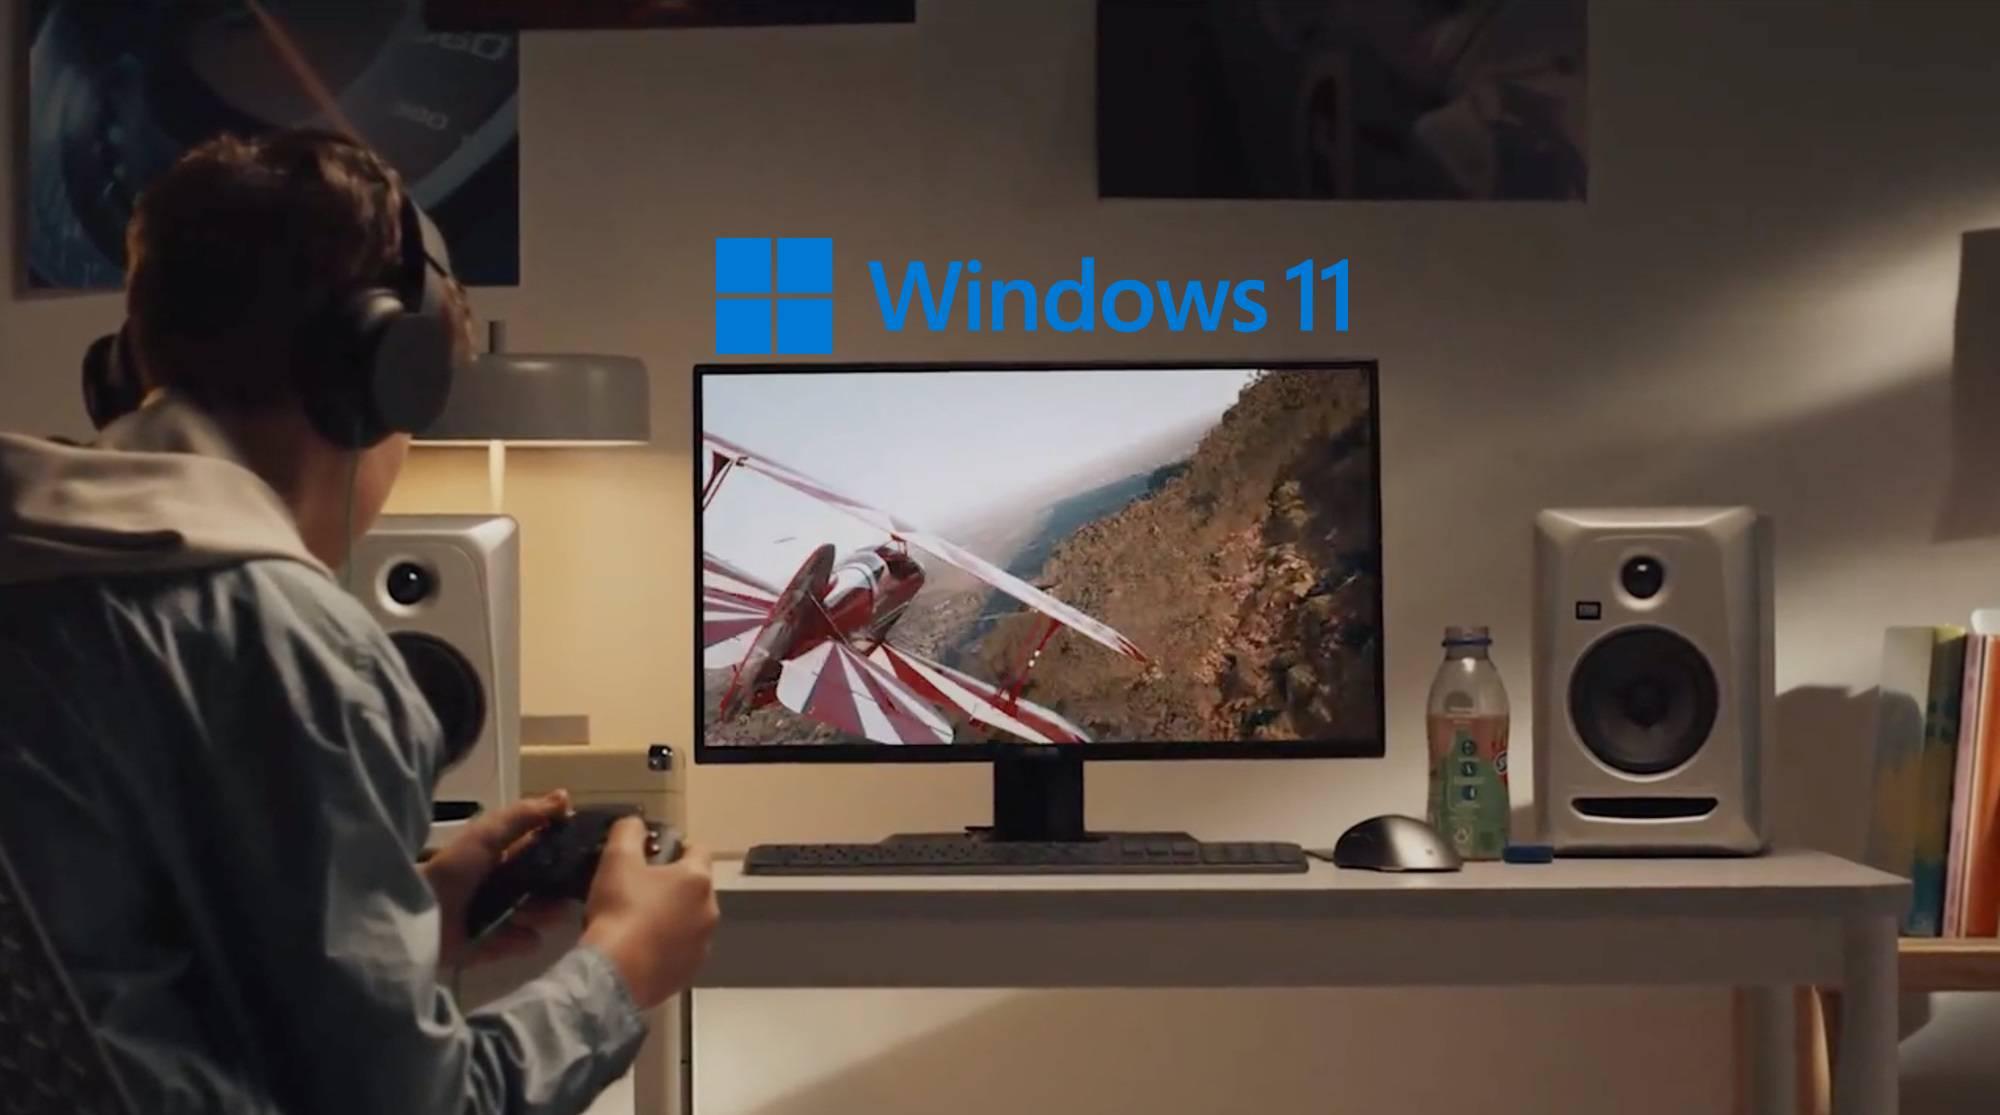 Chú ý: Windows 11 có thể giảm hiệu suất gaming đến 28% trên PC lắp sẵn